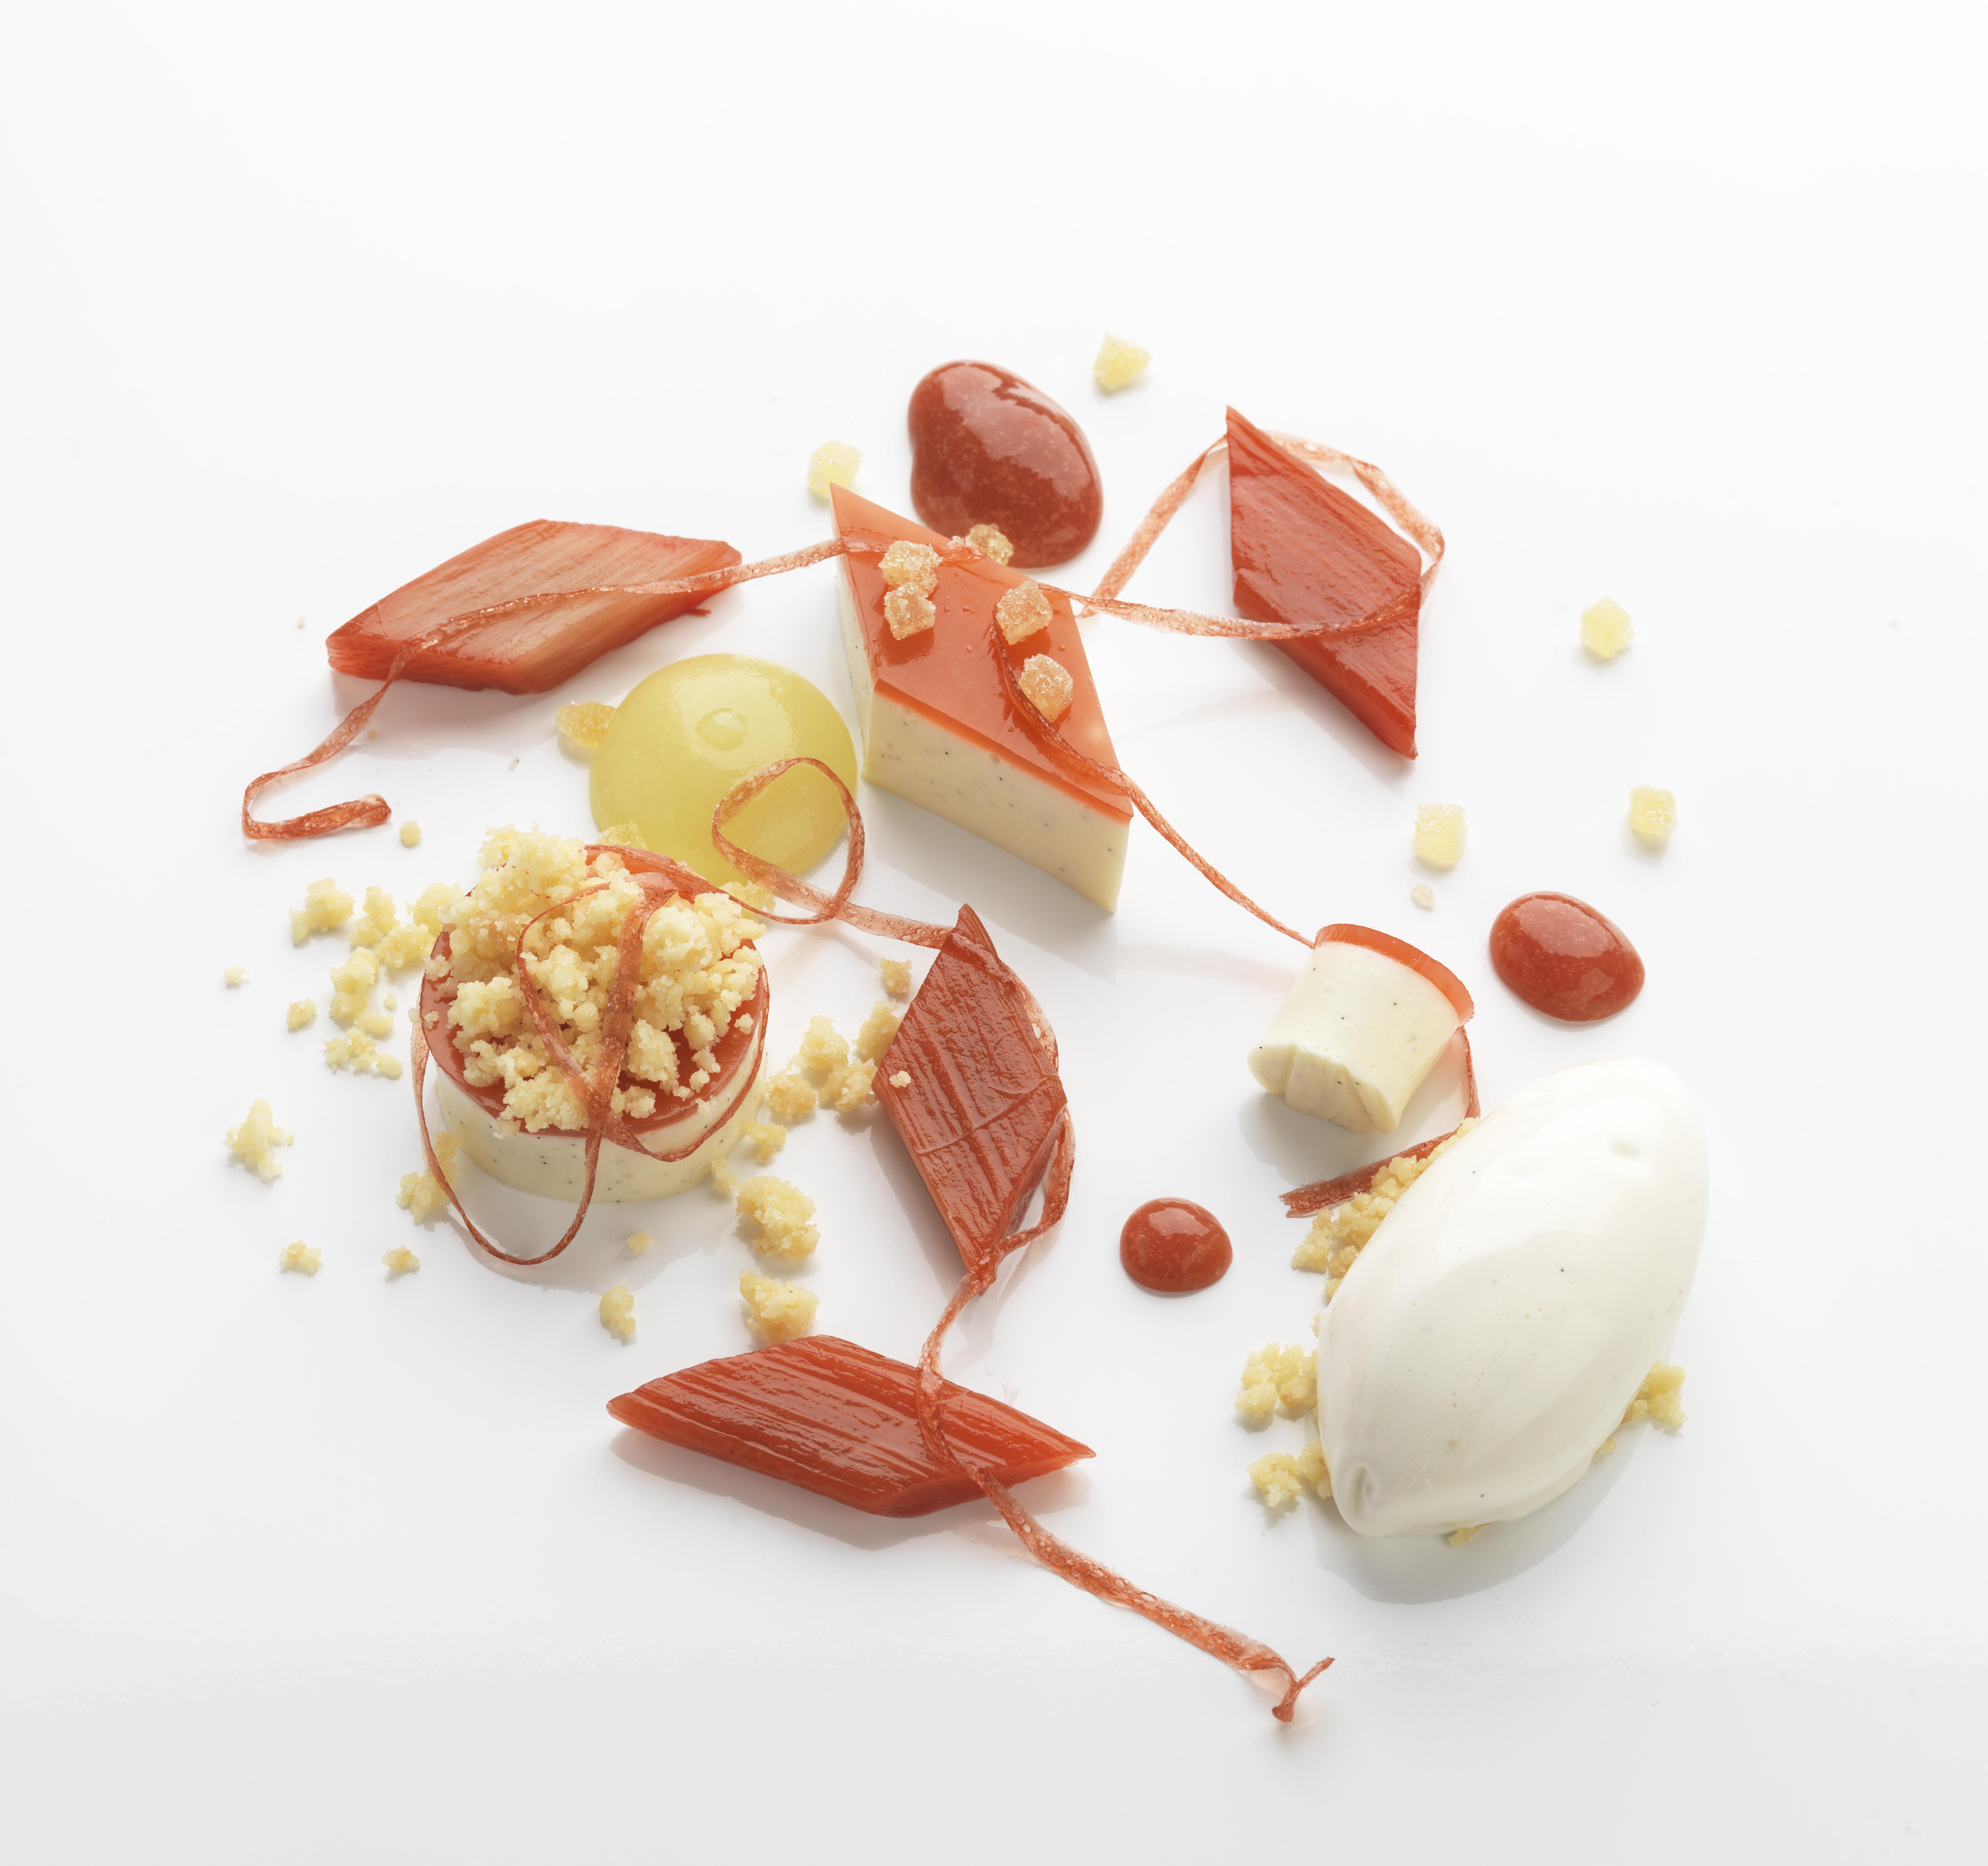 Michelin Star Desserts Great British Chefs